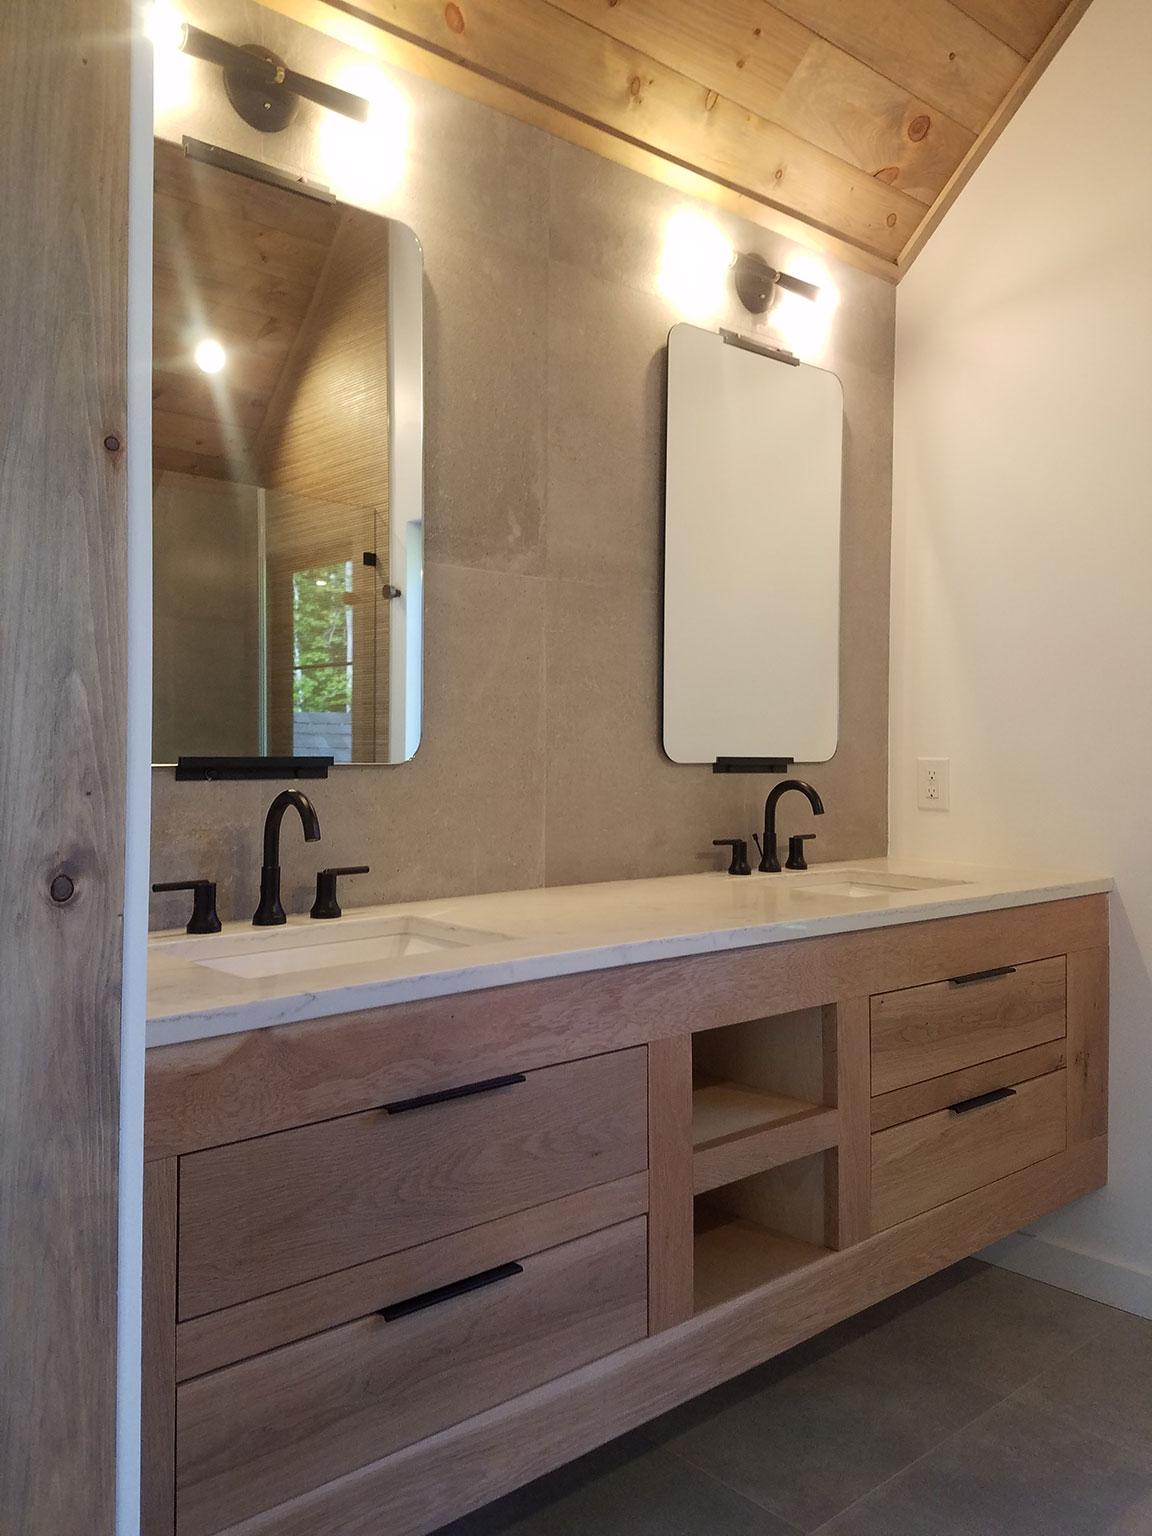 Bathroom: Double Sinks